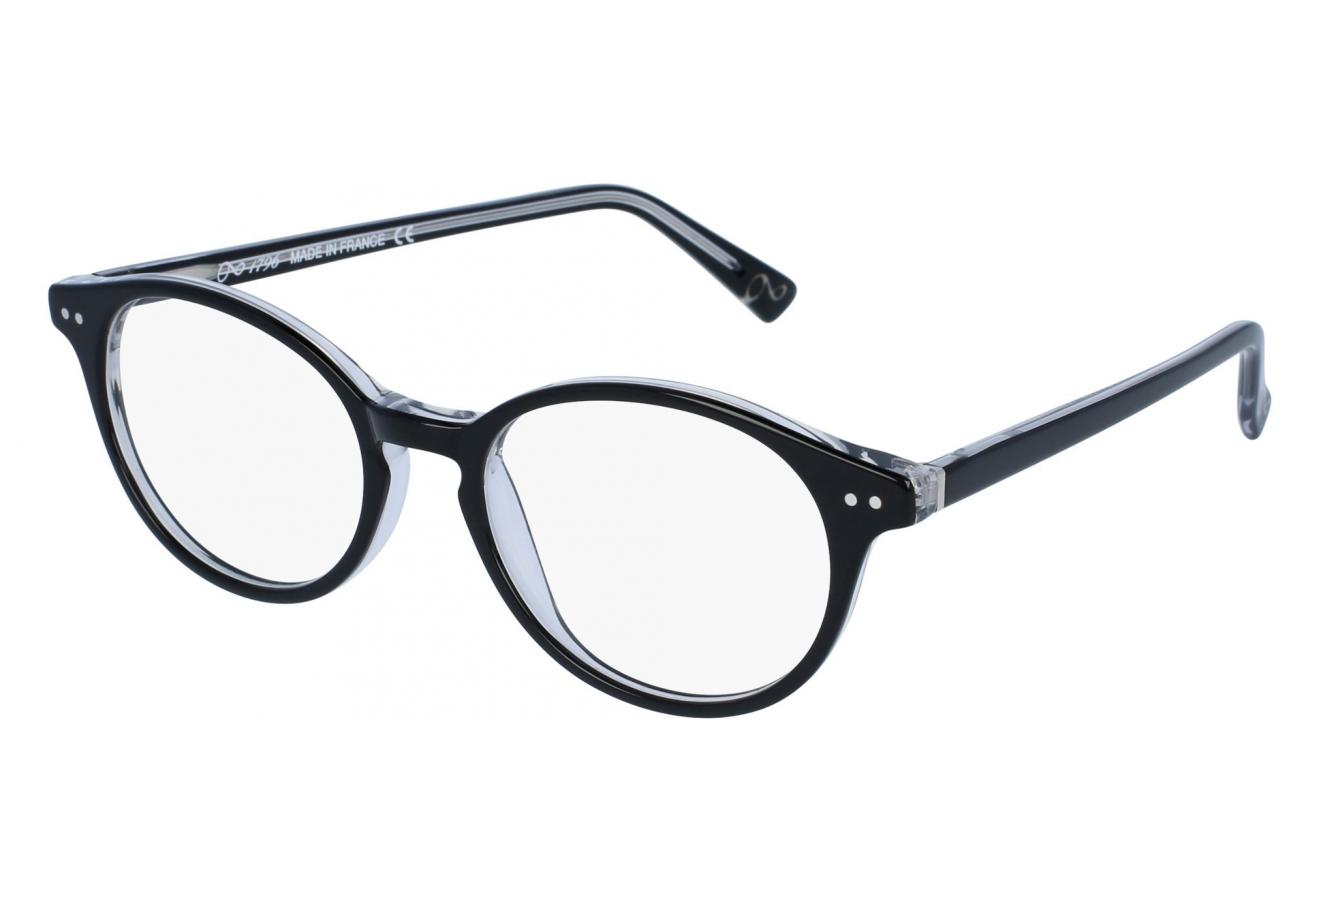 lunettes de vue 1796 cbua 1708 noir 49 18. Black Bedroom Furniture Sets. Home Design Ideas